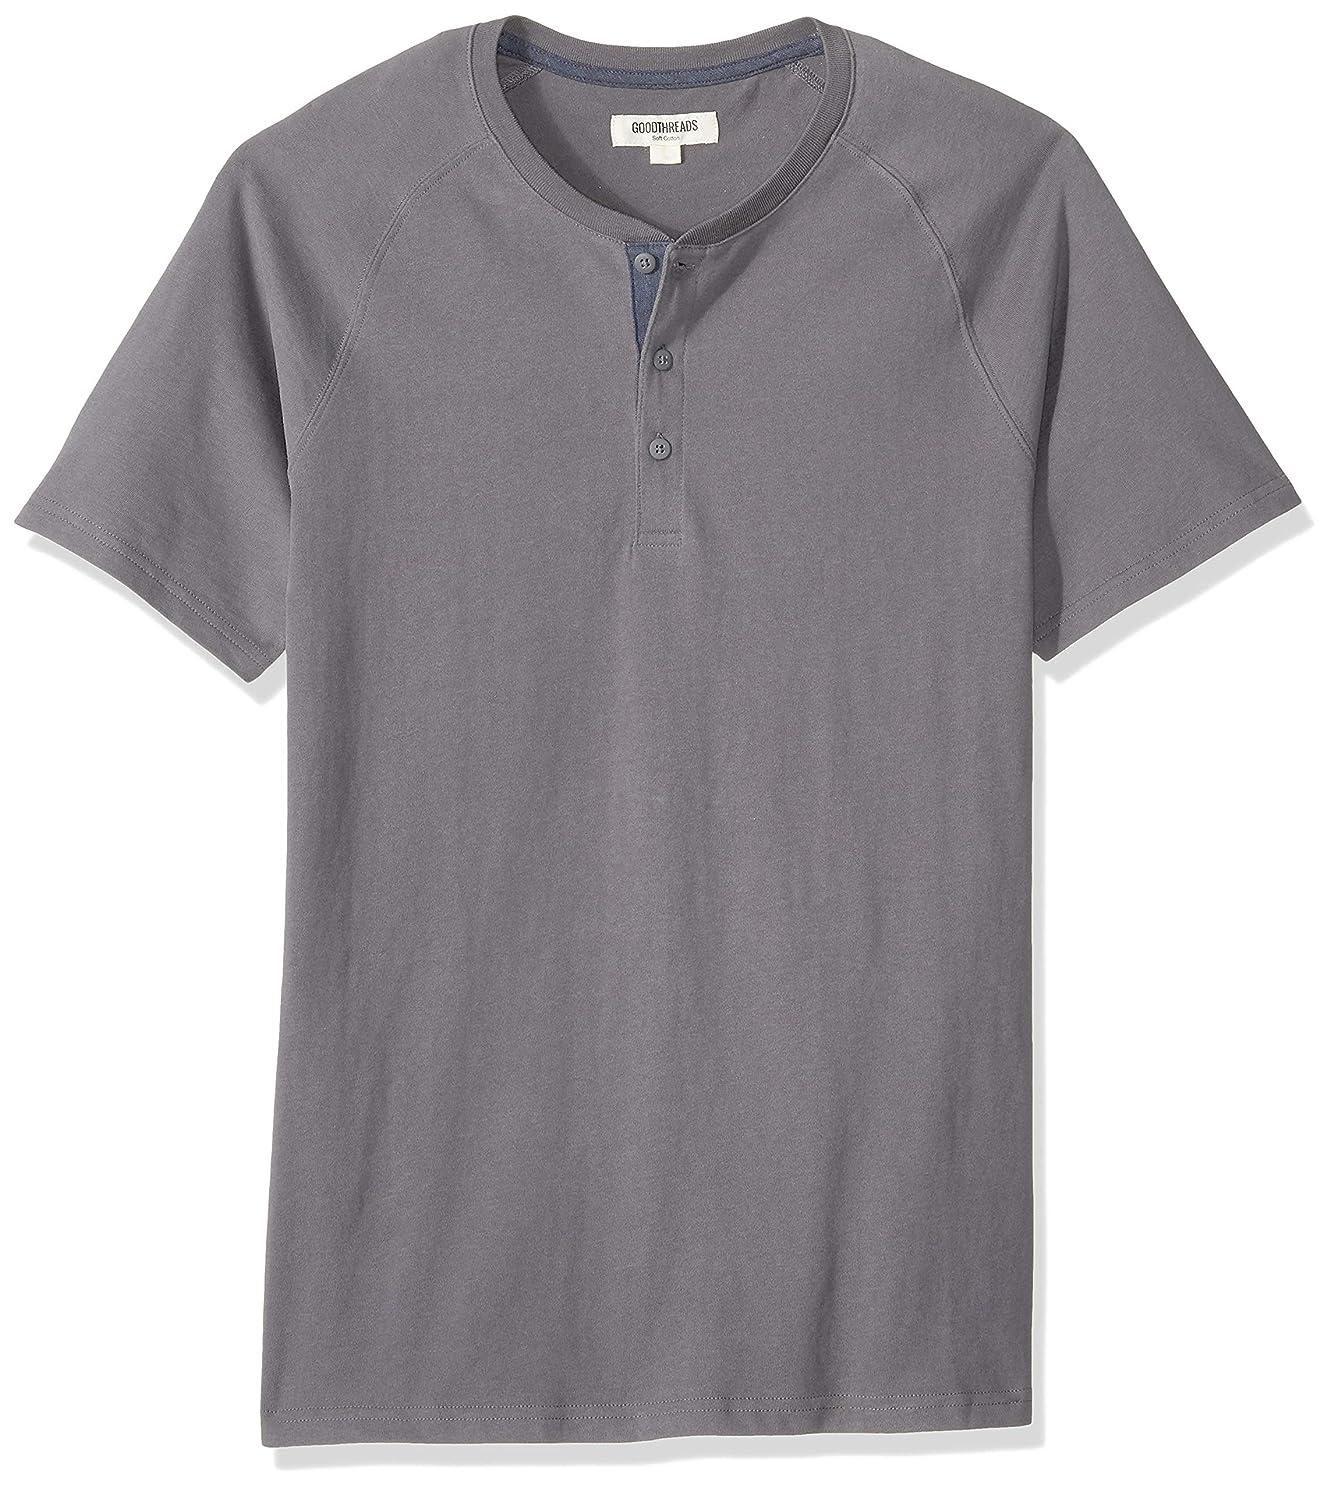 Amazon Brand - Goodthreads Men's Short-Sleeve Sueded Jersey Henley